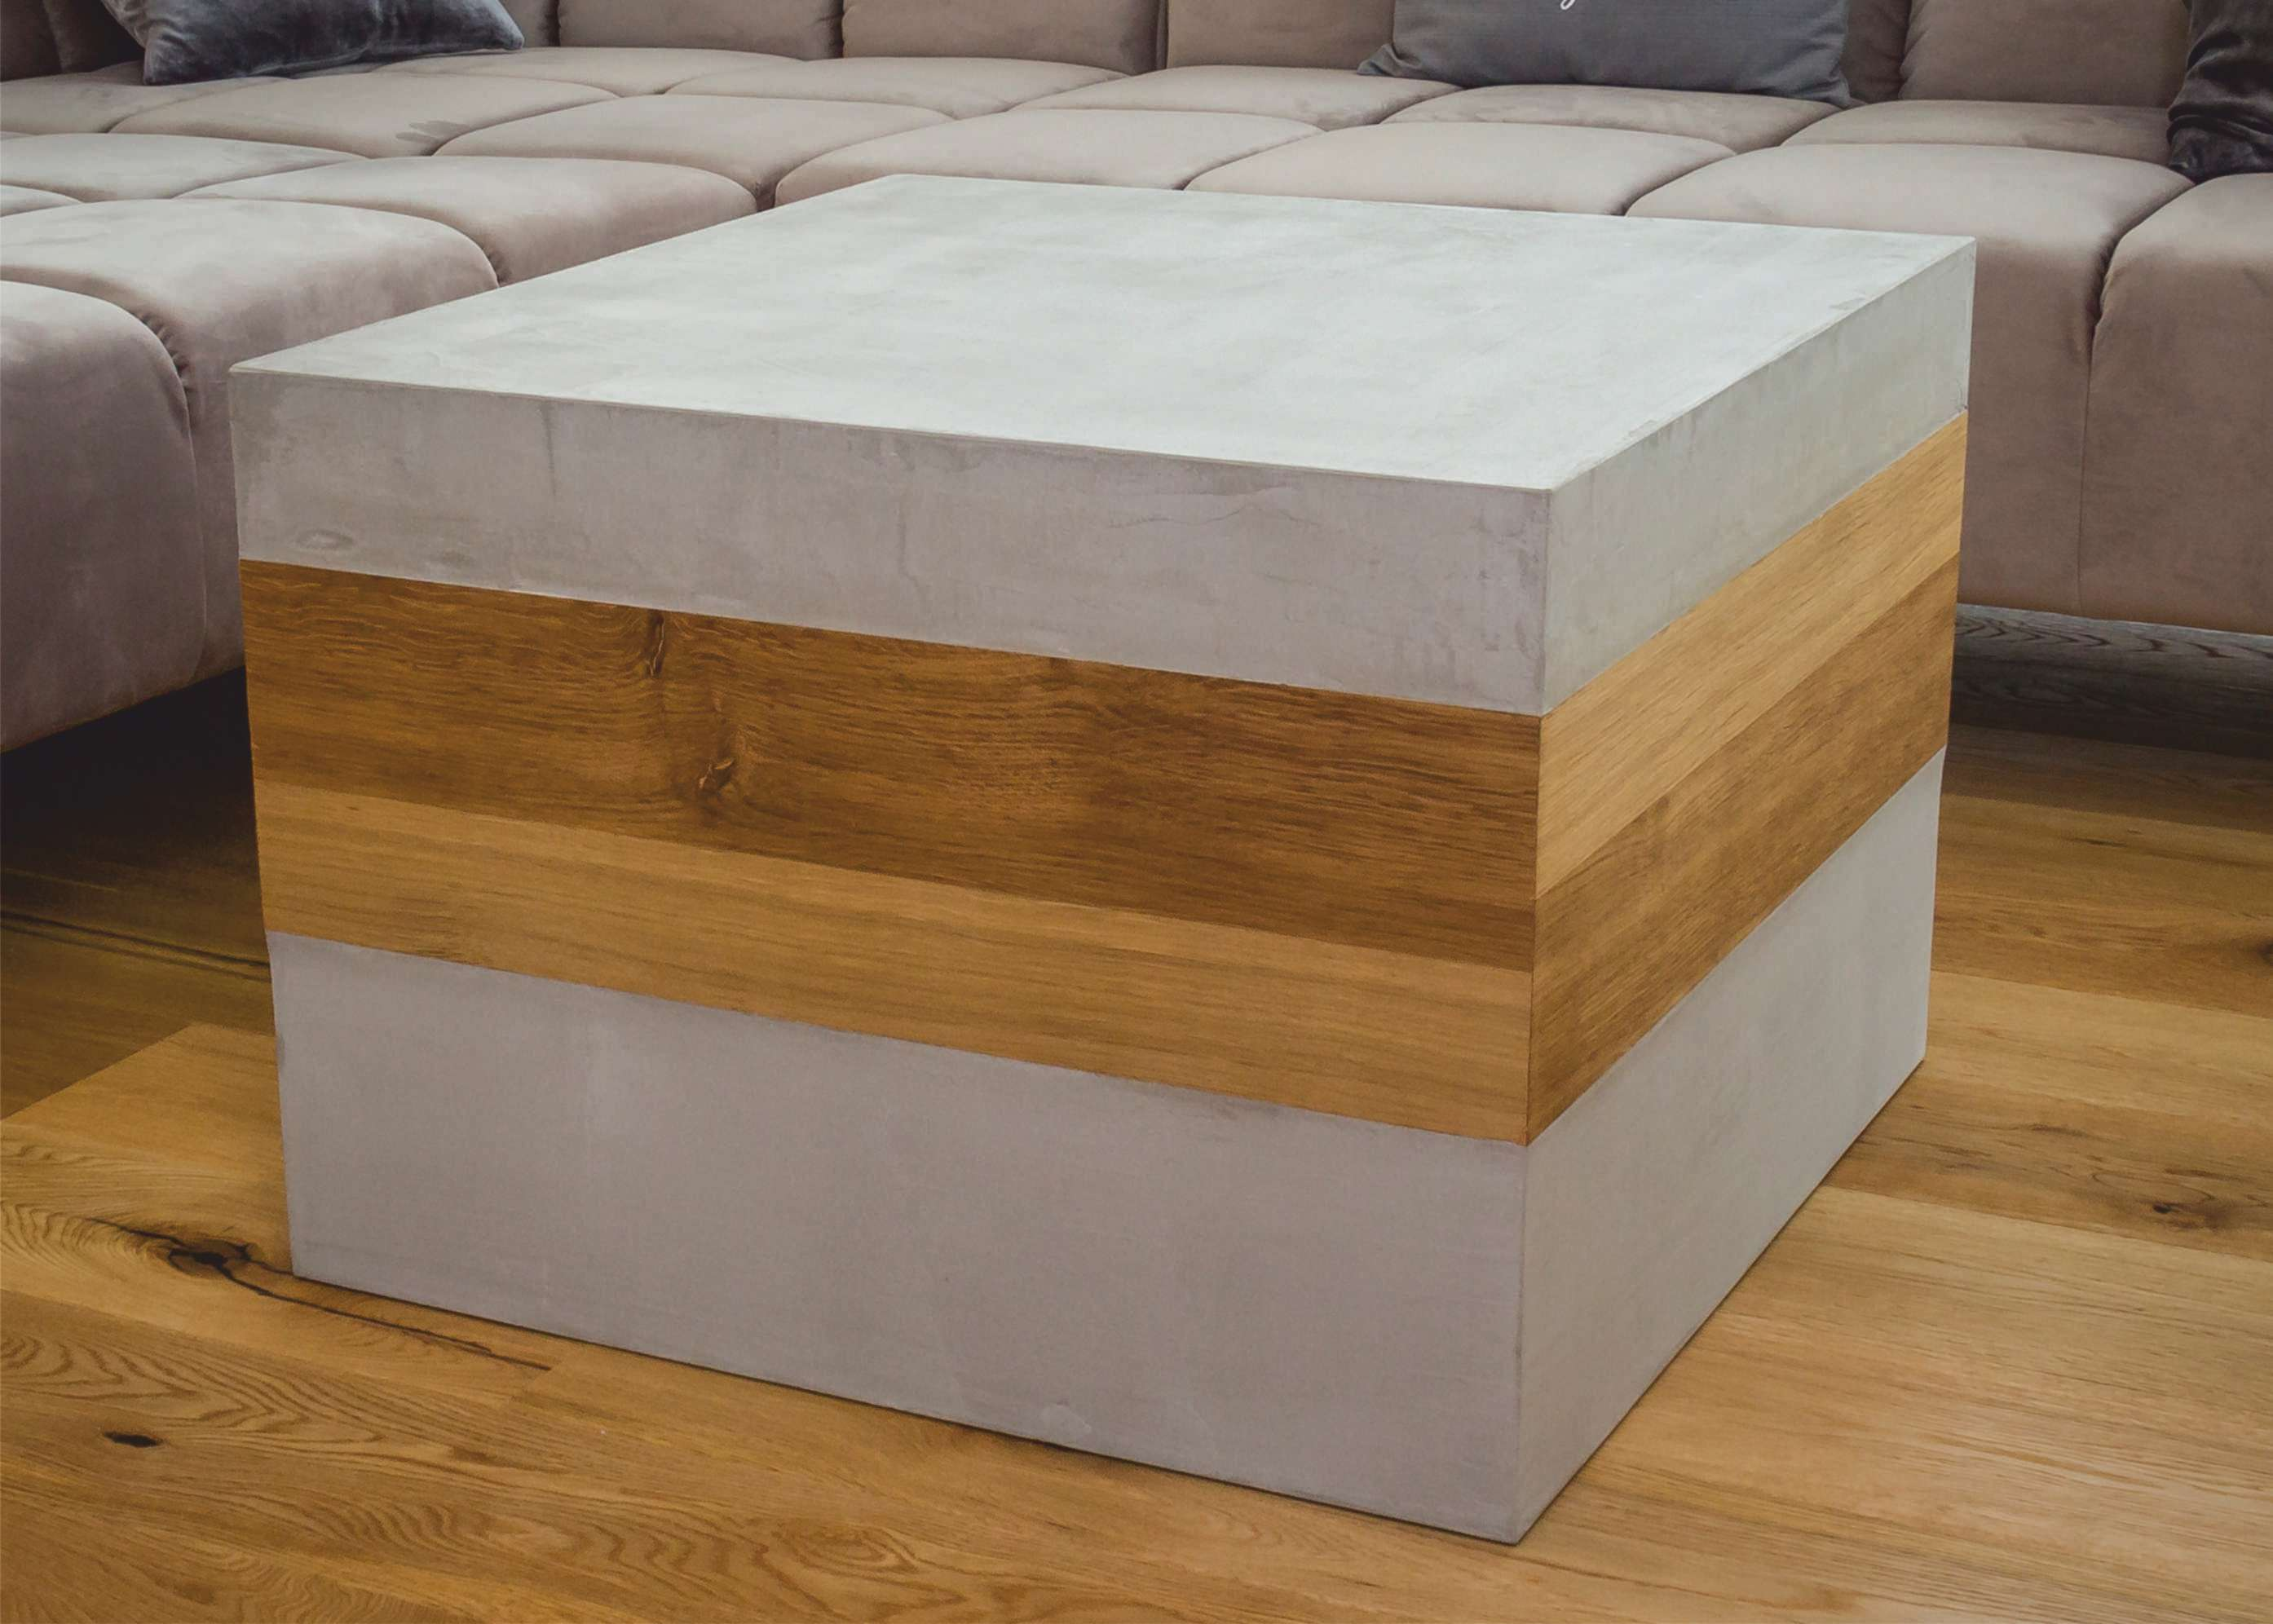 mainTisch mainBeton Wohnzimmertisch Couchtisch Betontisch Beton Holz Eiche fugenlose Betonboden Badezimmer Betoninsel Aussenküche1-1